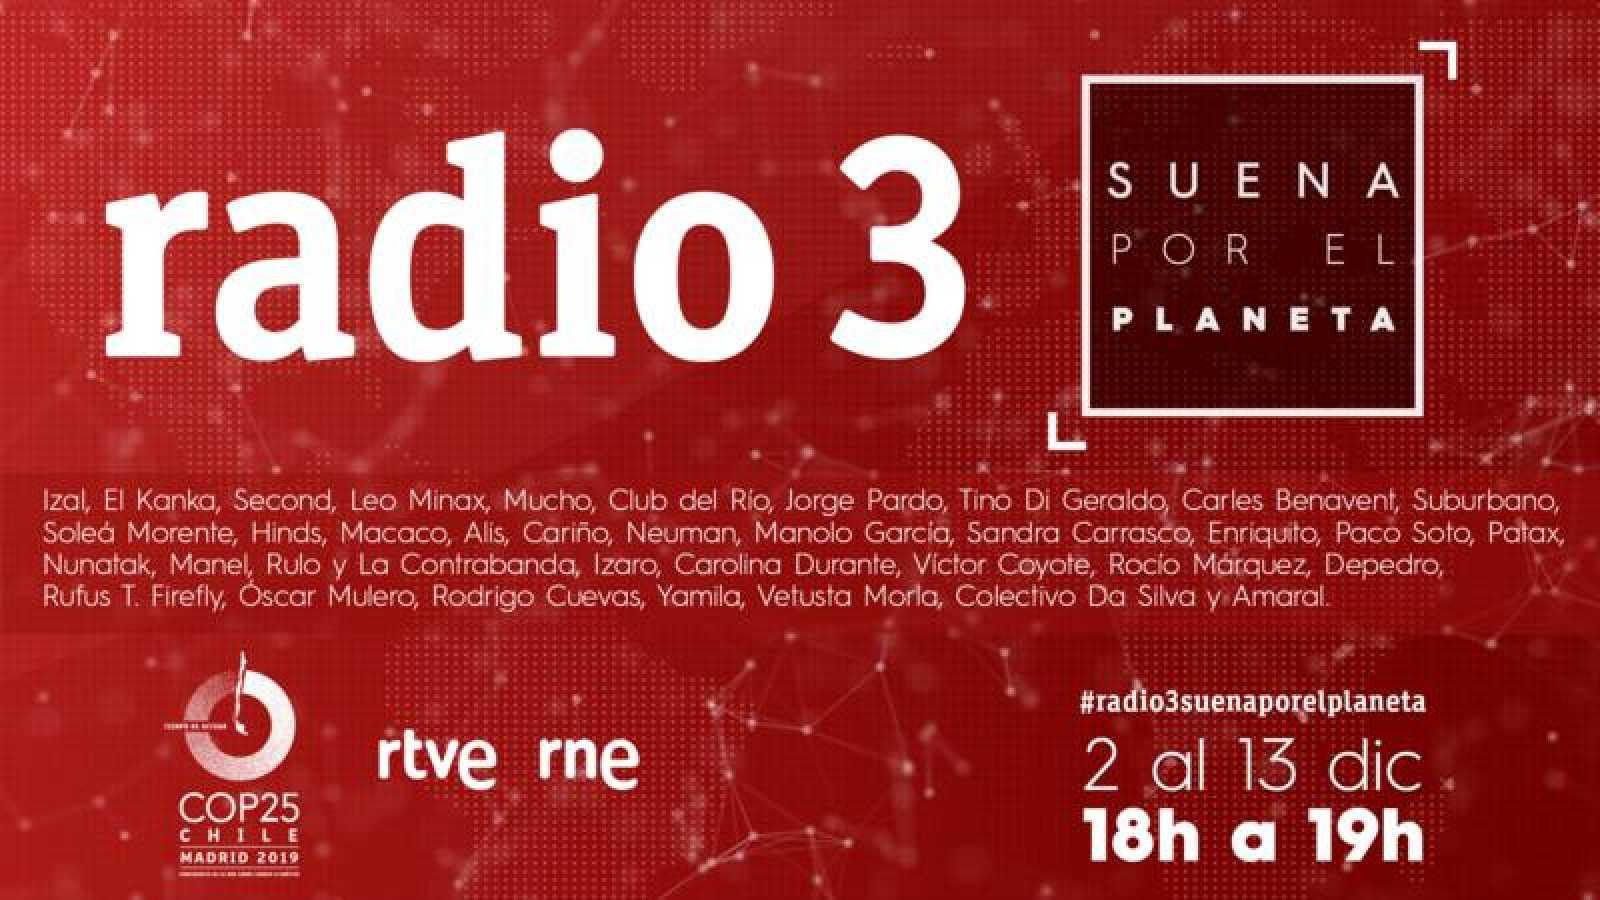 'Radio 3 suena por el planeta' en la cumbre del clima